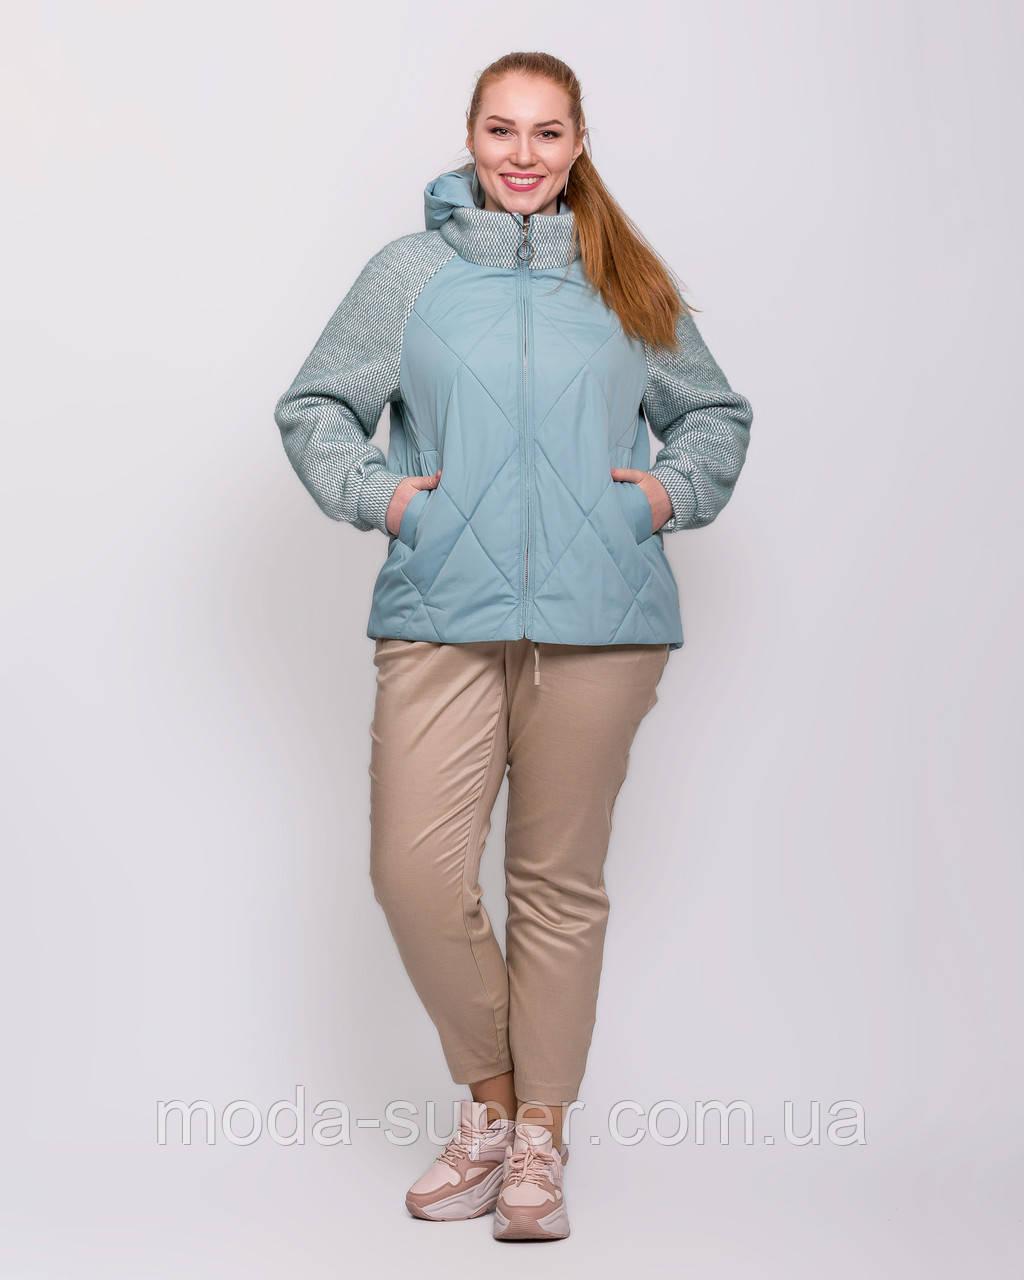 Женская куртка комбинированная   рр 48-58